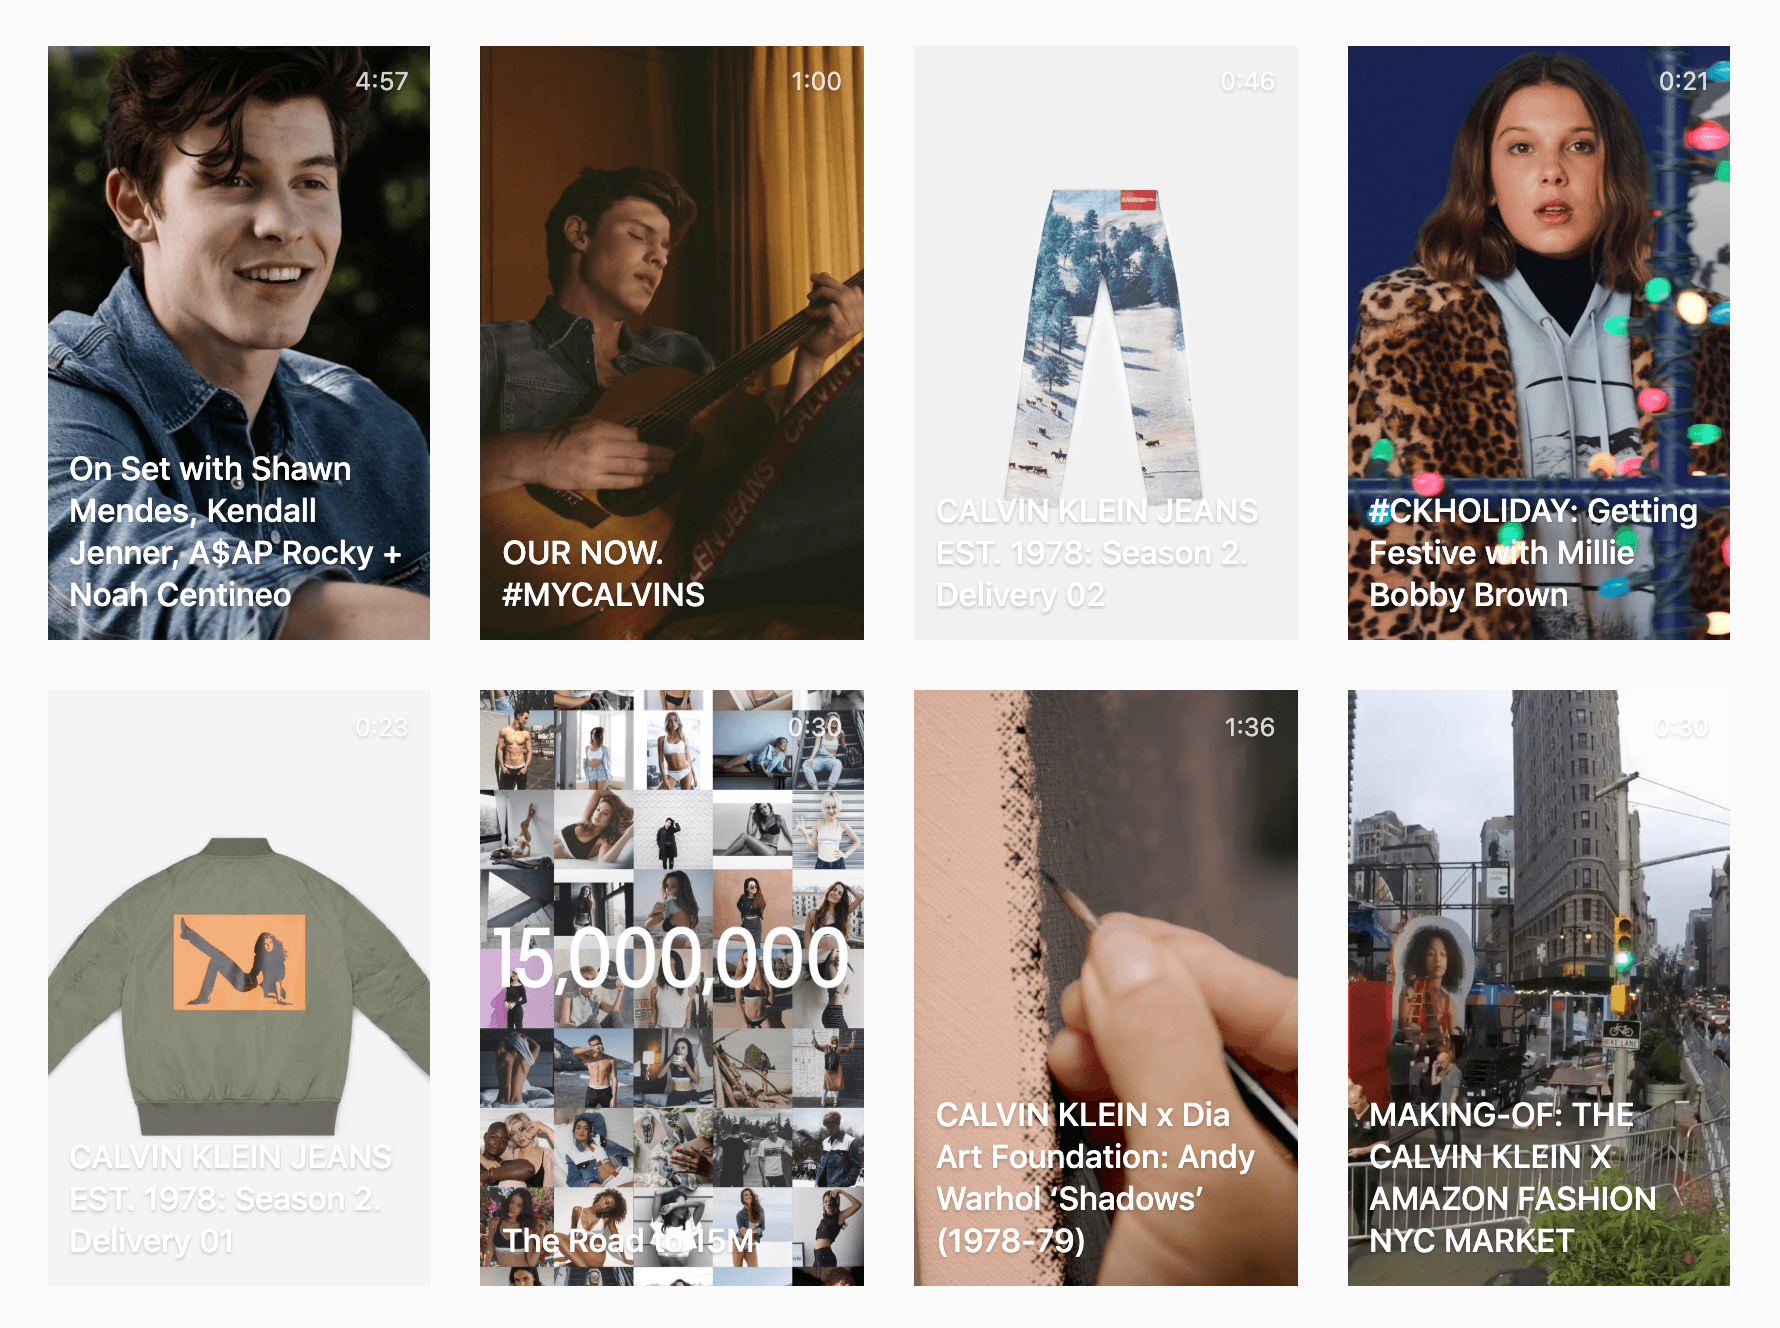 Calvin Klein's Instagram video cover photos